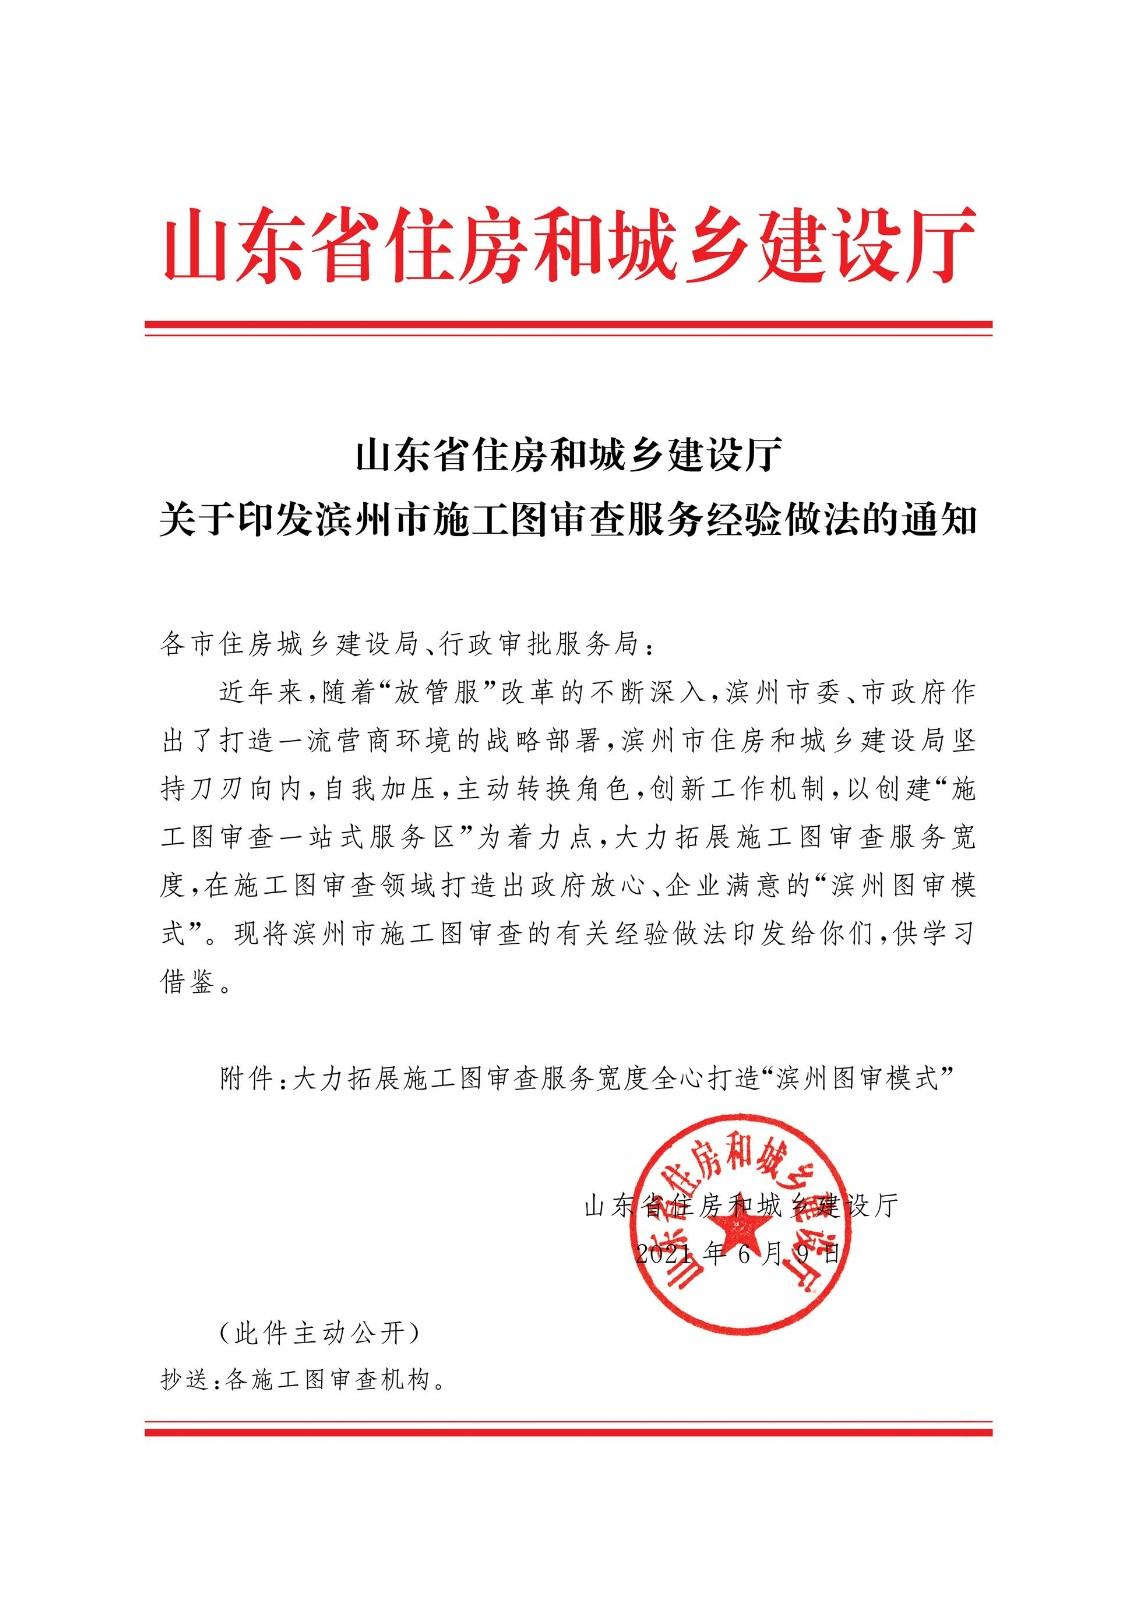 山东省住房和城乡建设厅关于印发滨州市施工图审查服务经验做法的通知_1.jpg